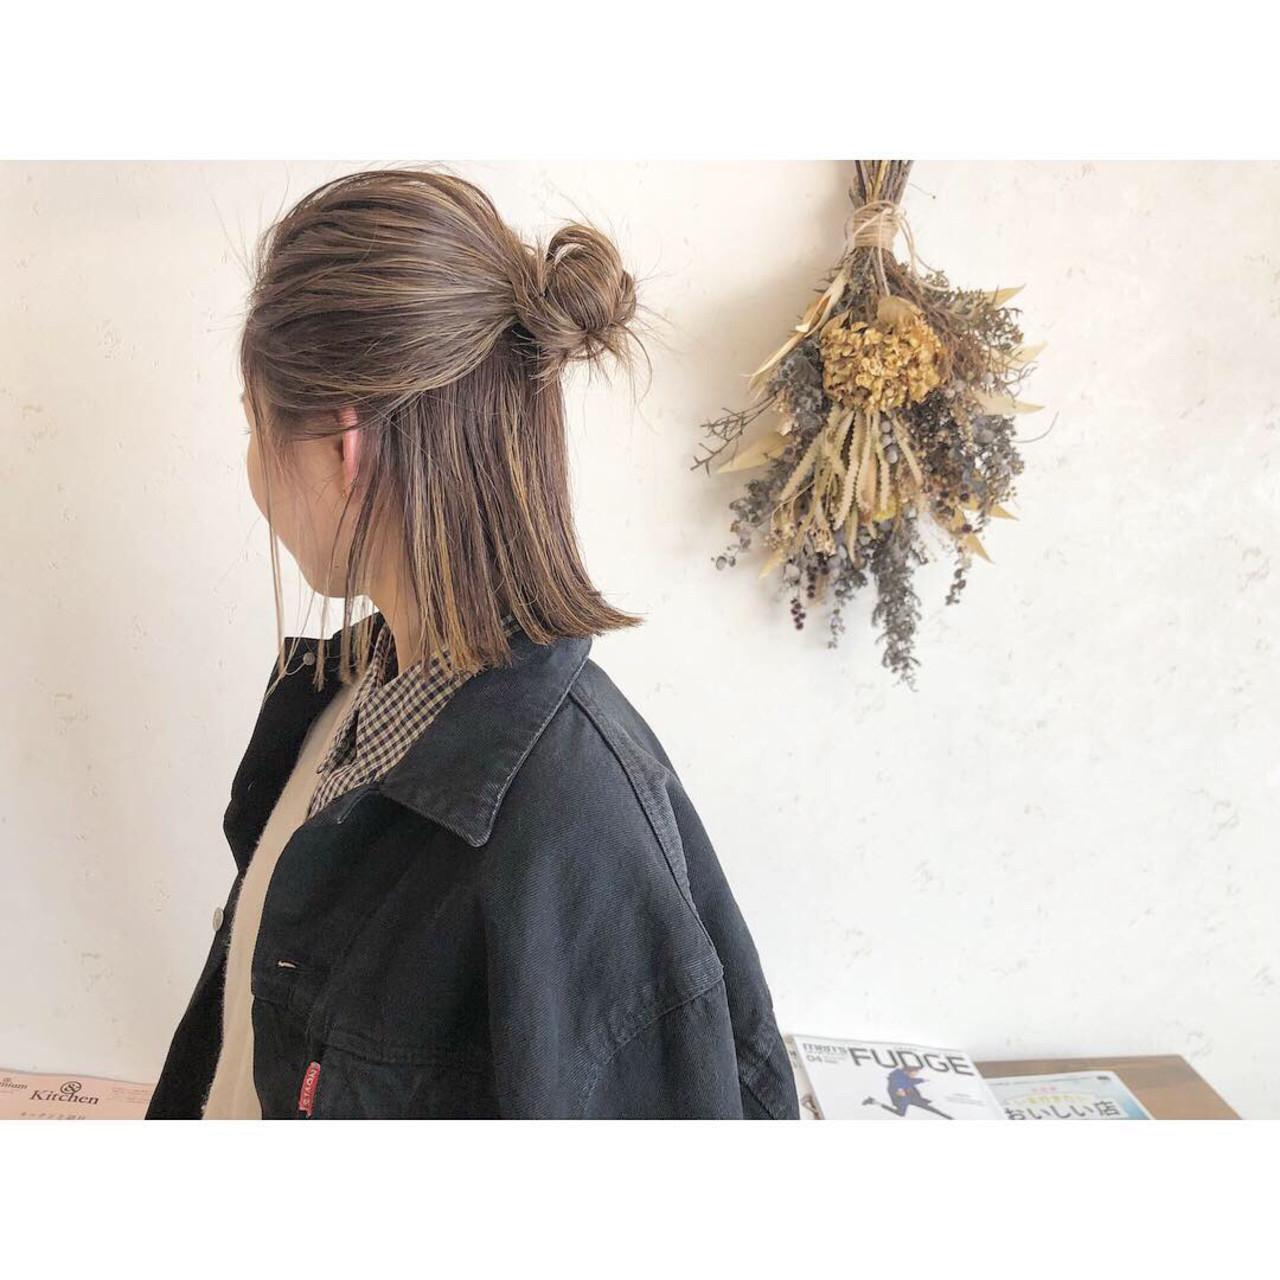 ハイトーンが決め手のハーフアップアレンジ 森下佳哲lufun hair design